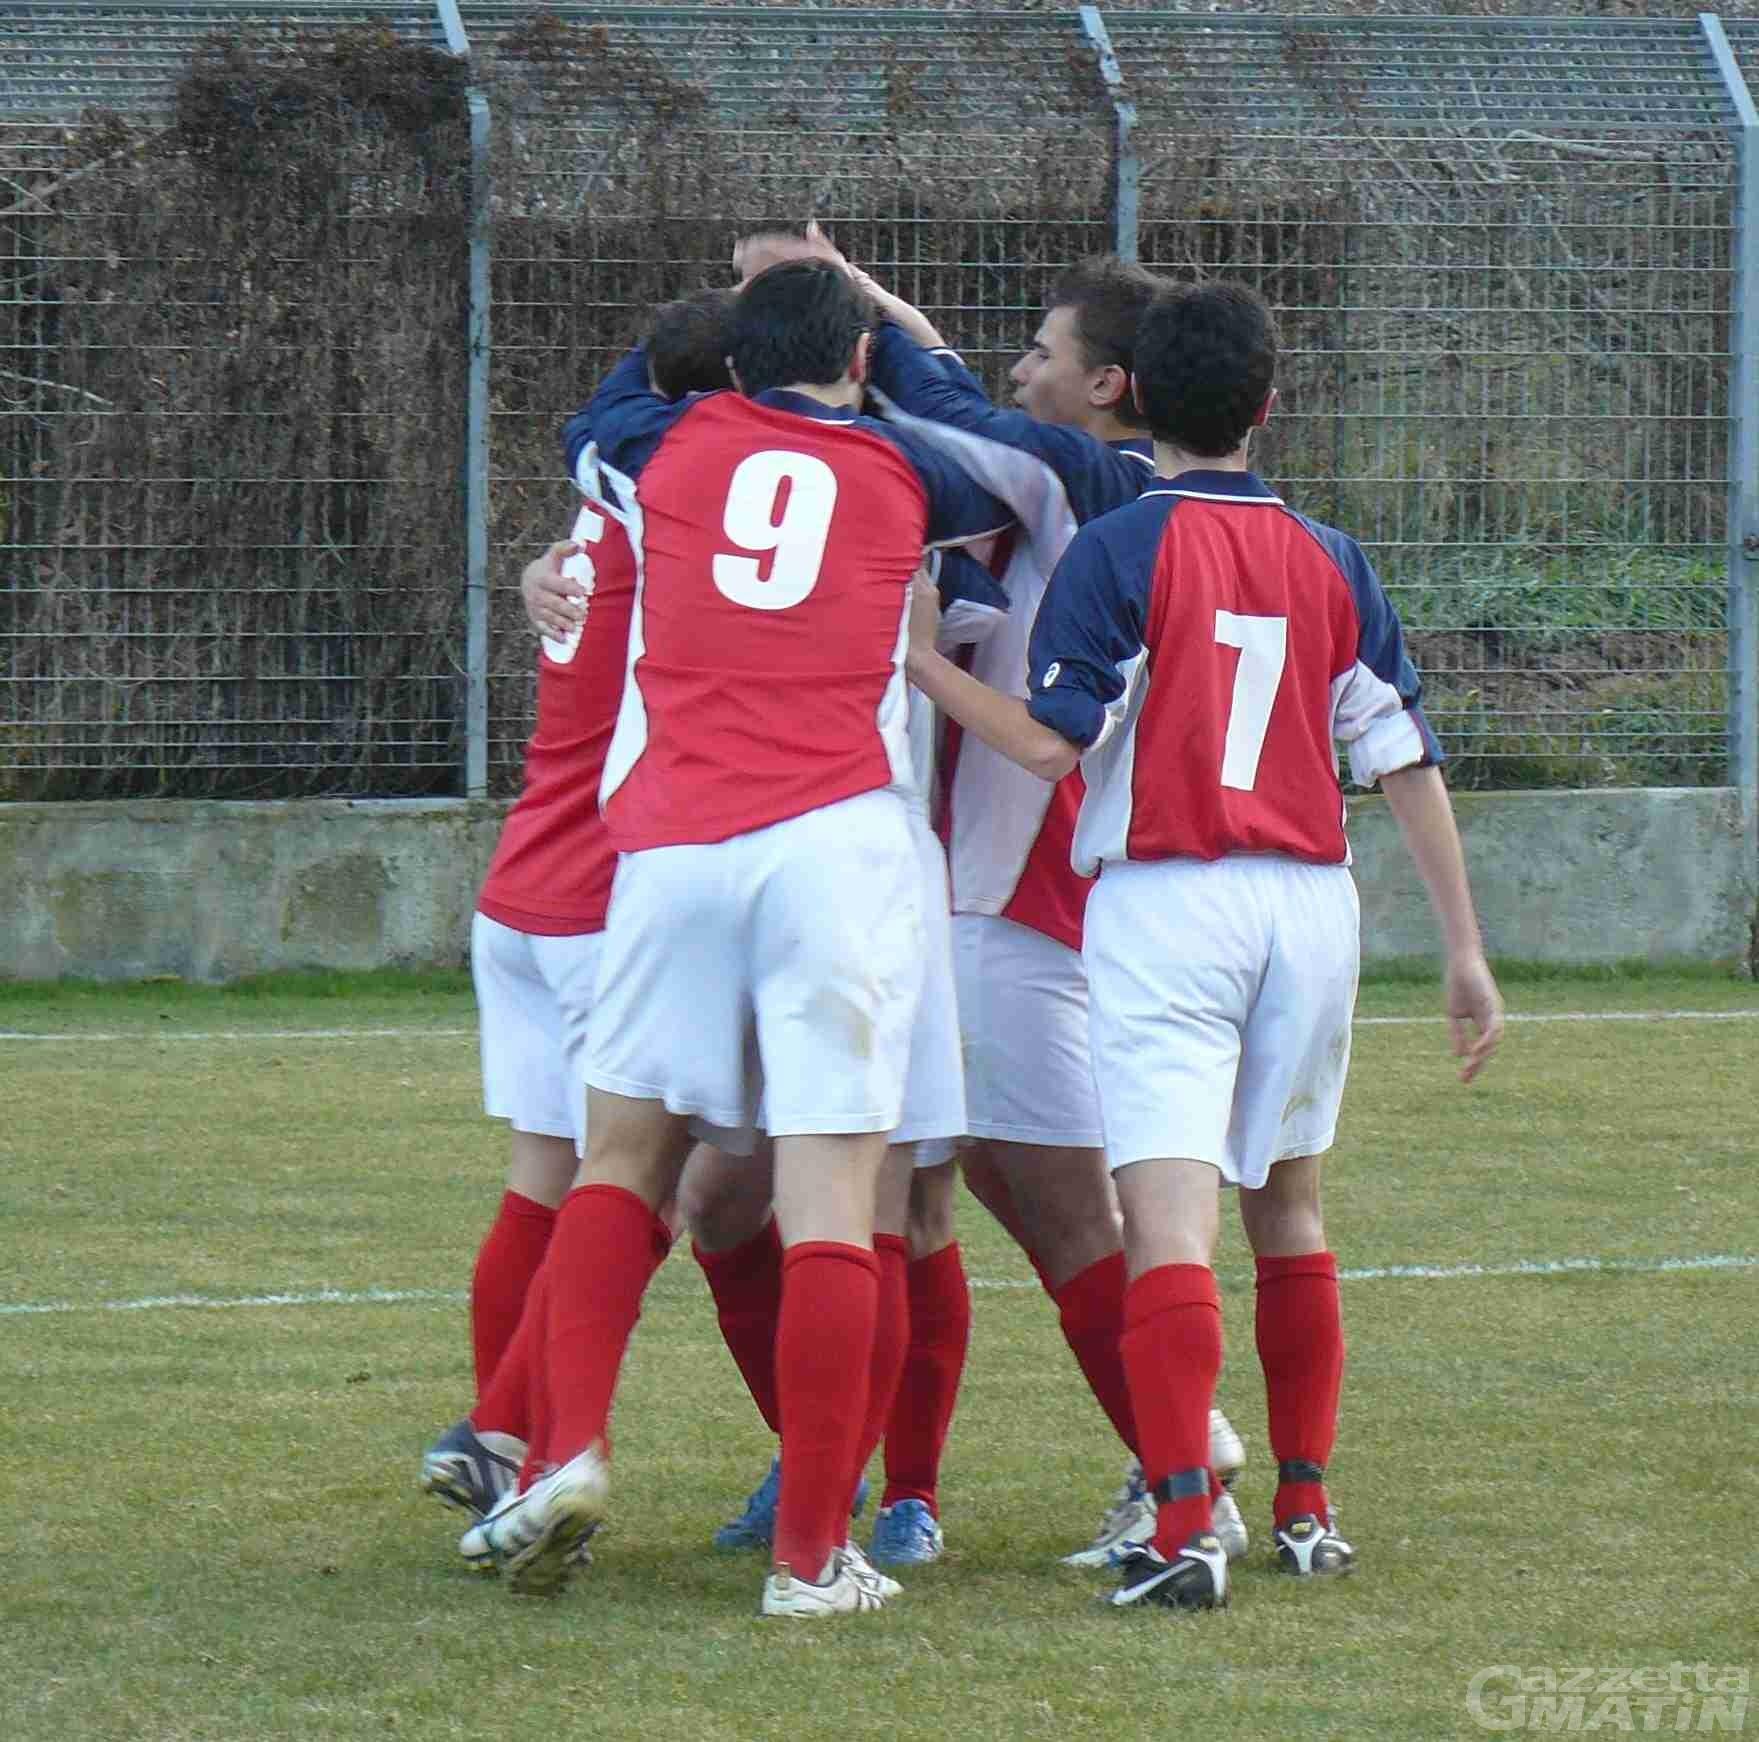 Calcio: l'Aygre torna a vincere, Charva sempre primo